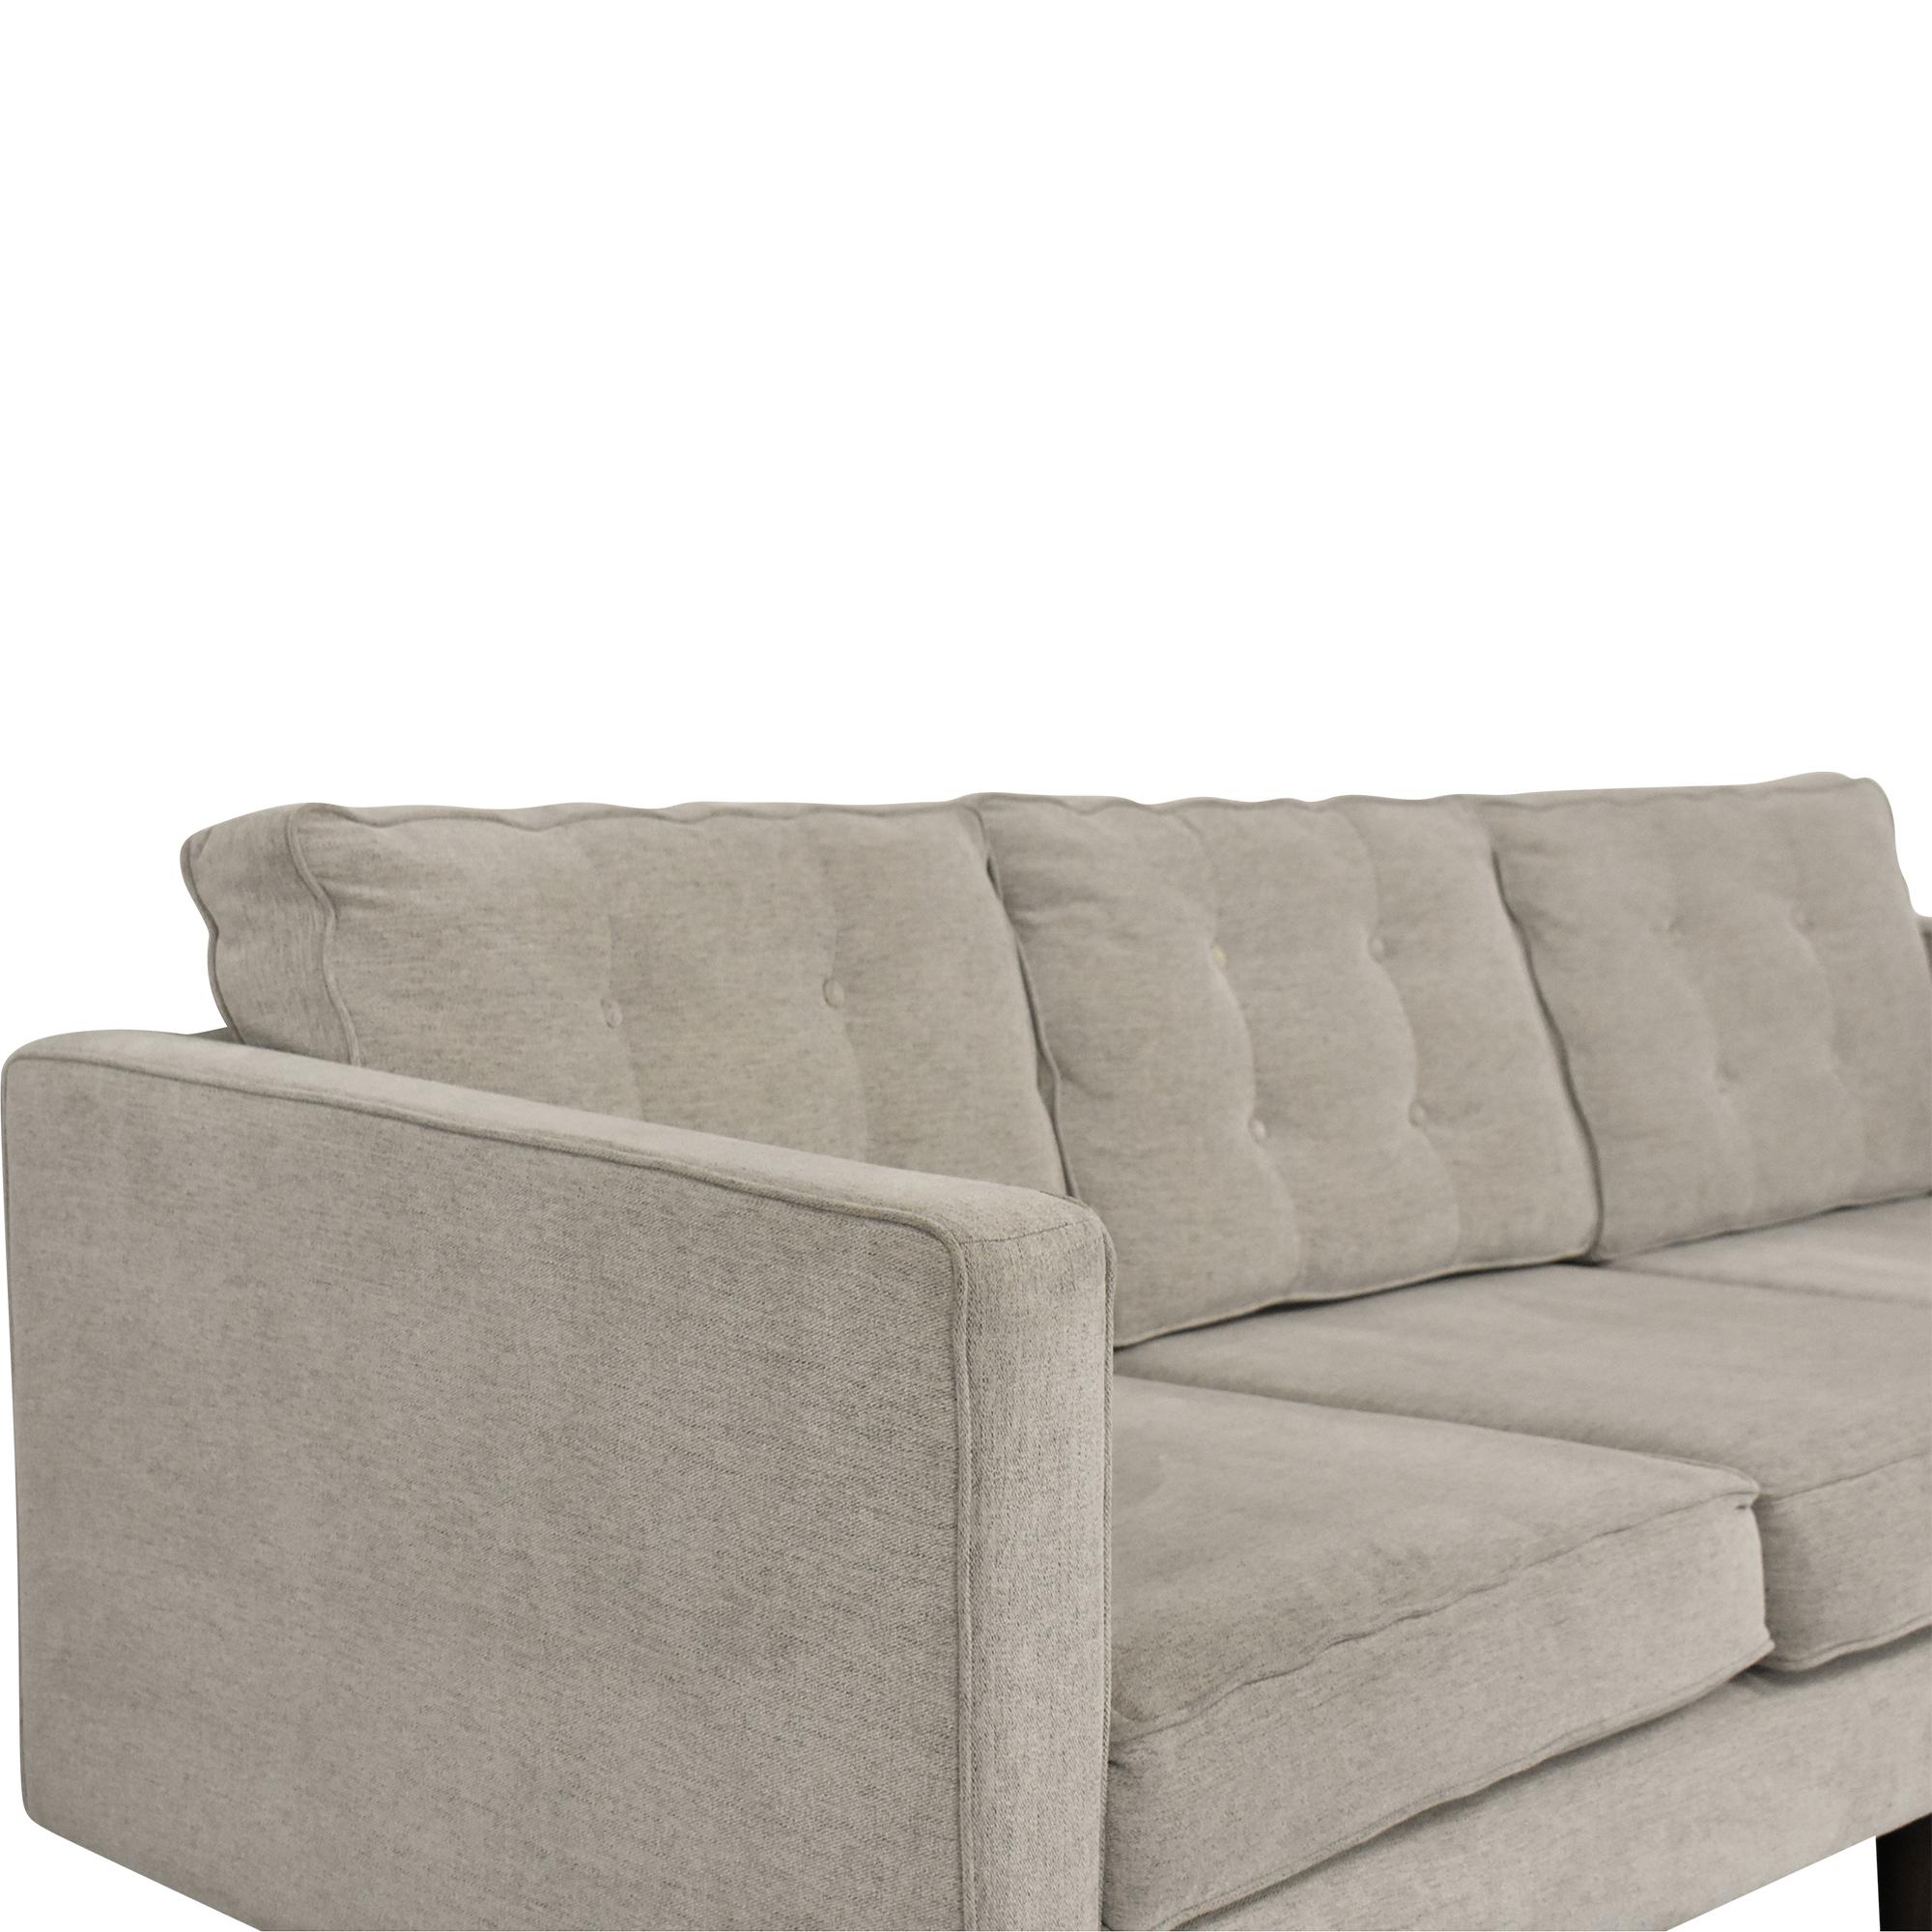 Joybird Joybird Braxton Mid Century Sofa coupon